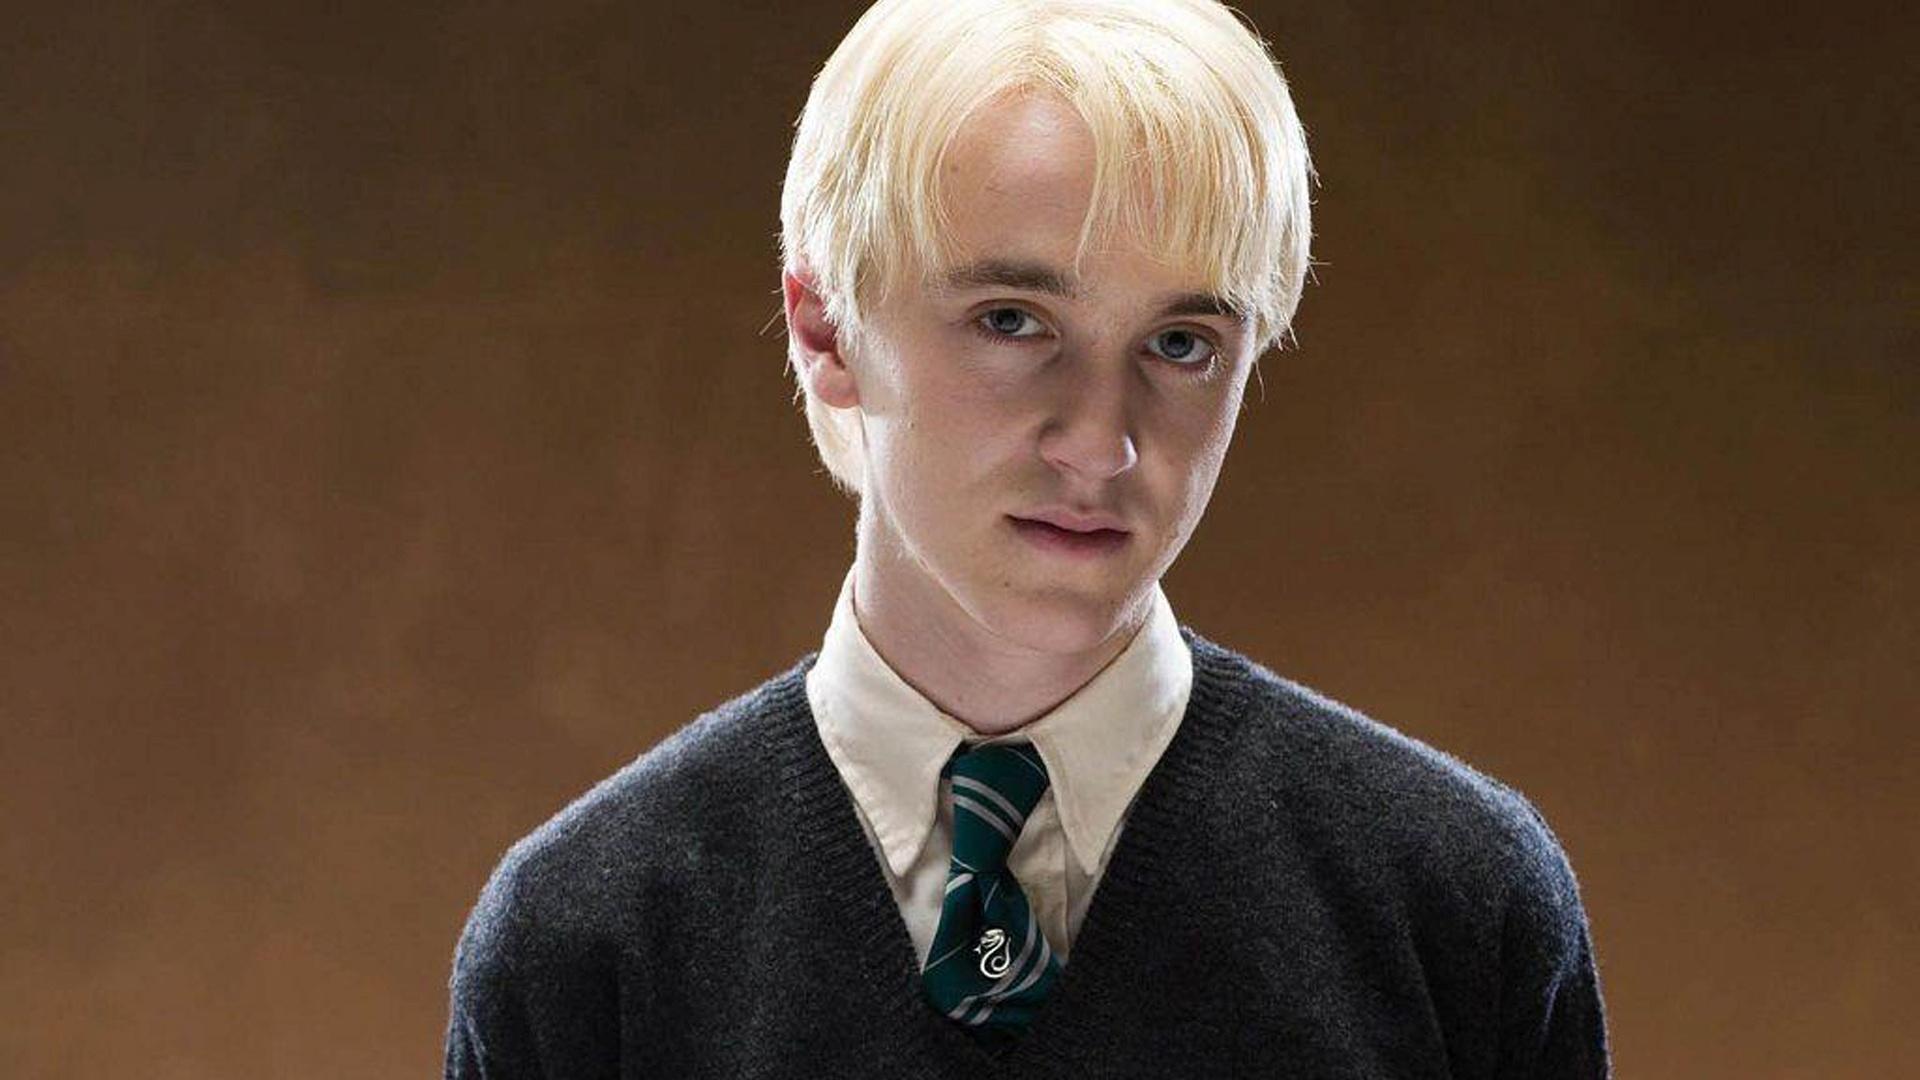 Draco Malfoy free background